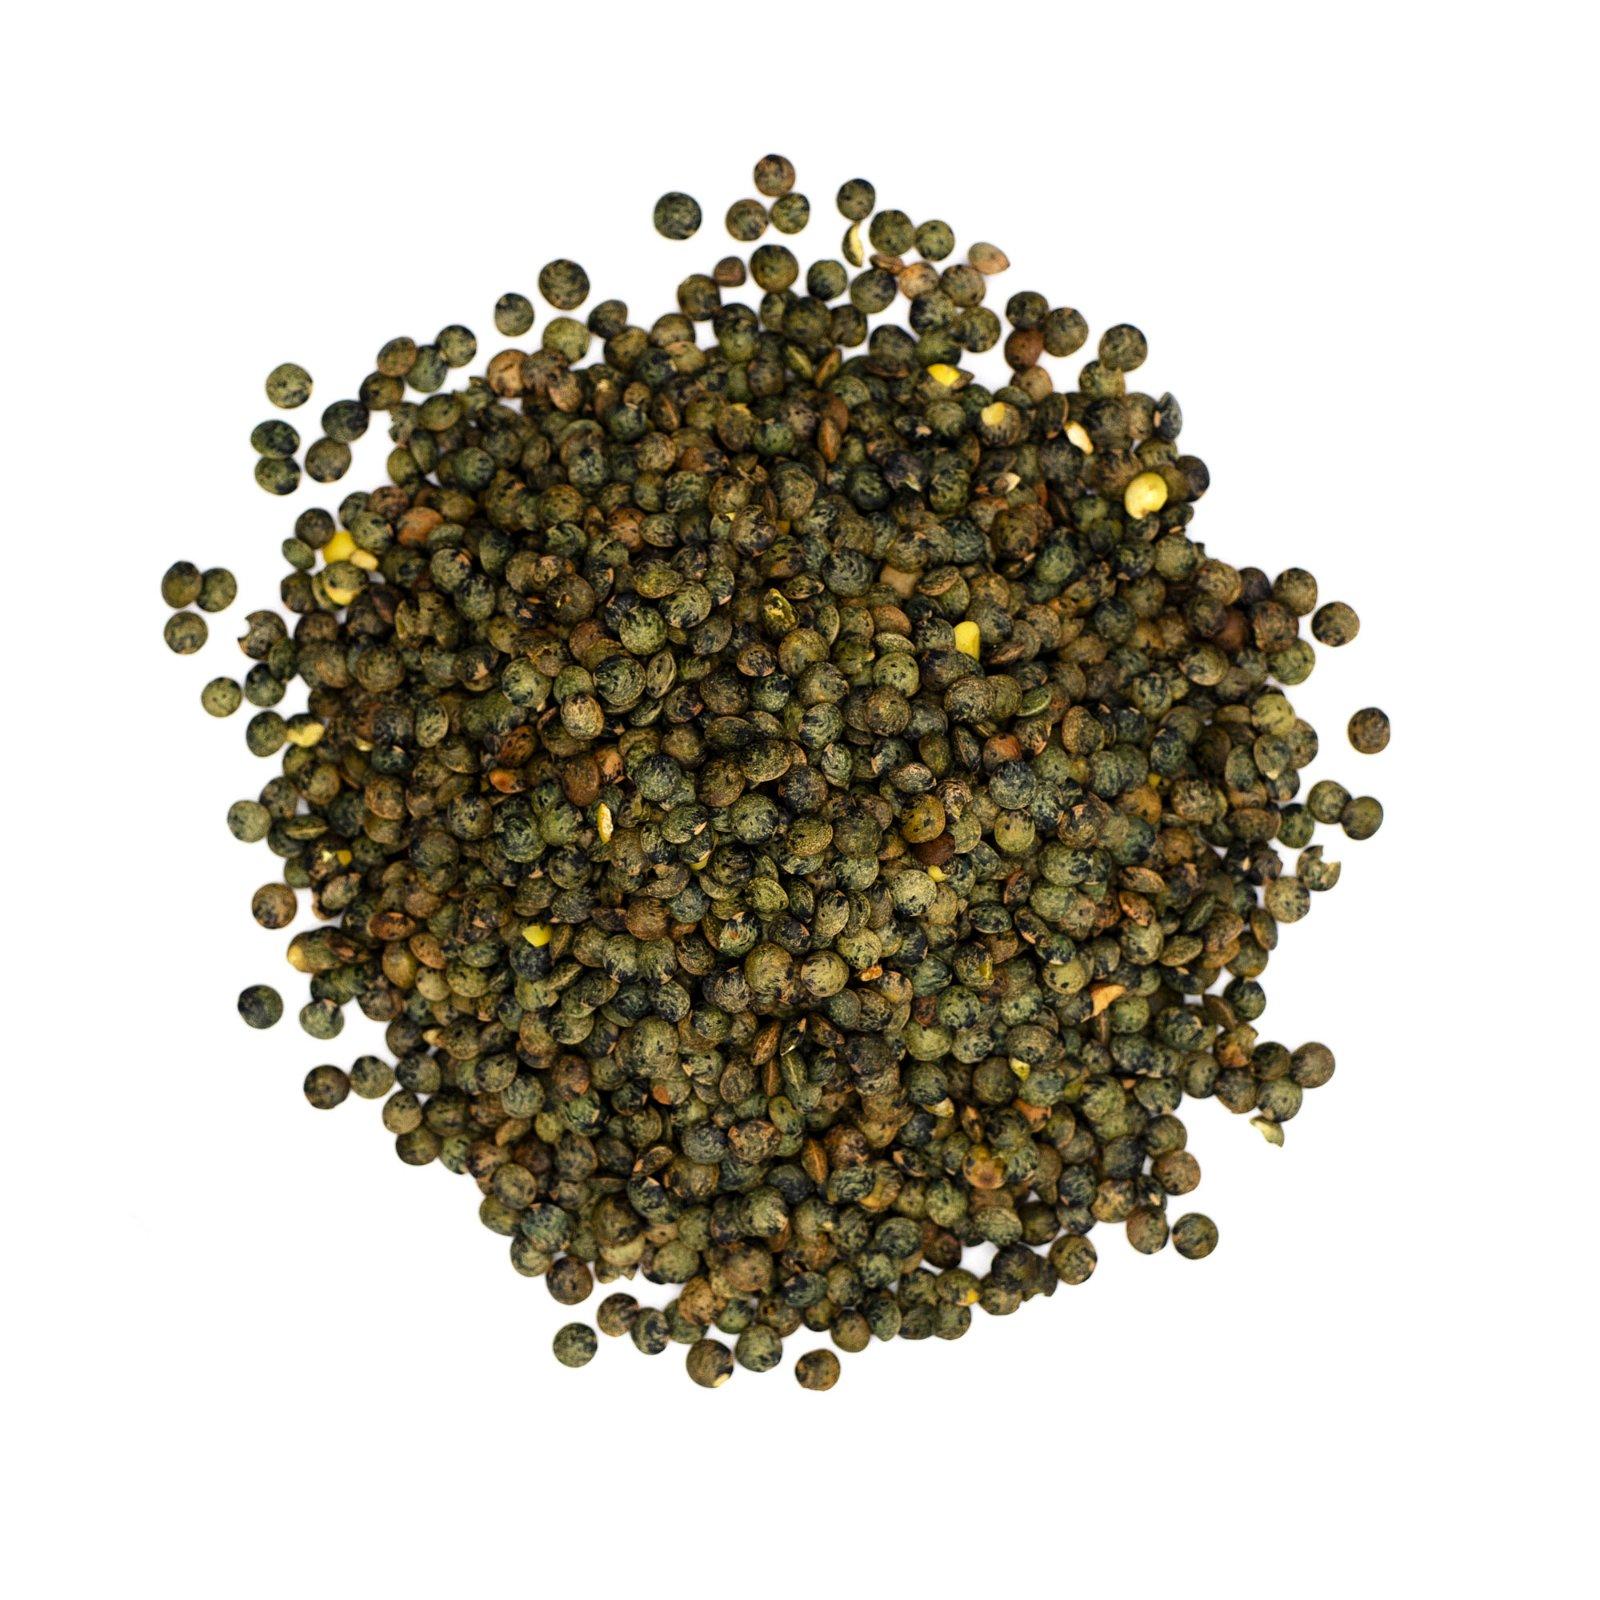 img-la-fourche-1kg-de-lentilles-vertes-bio-en-vrac